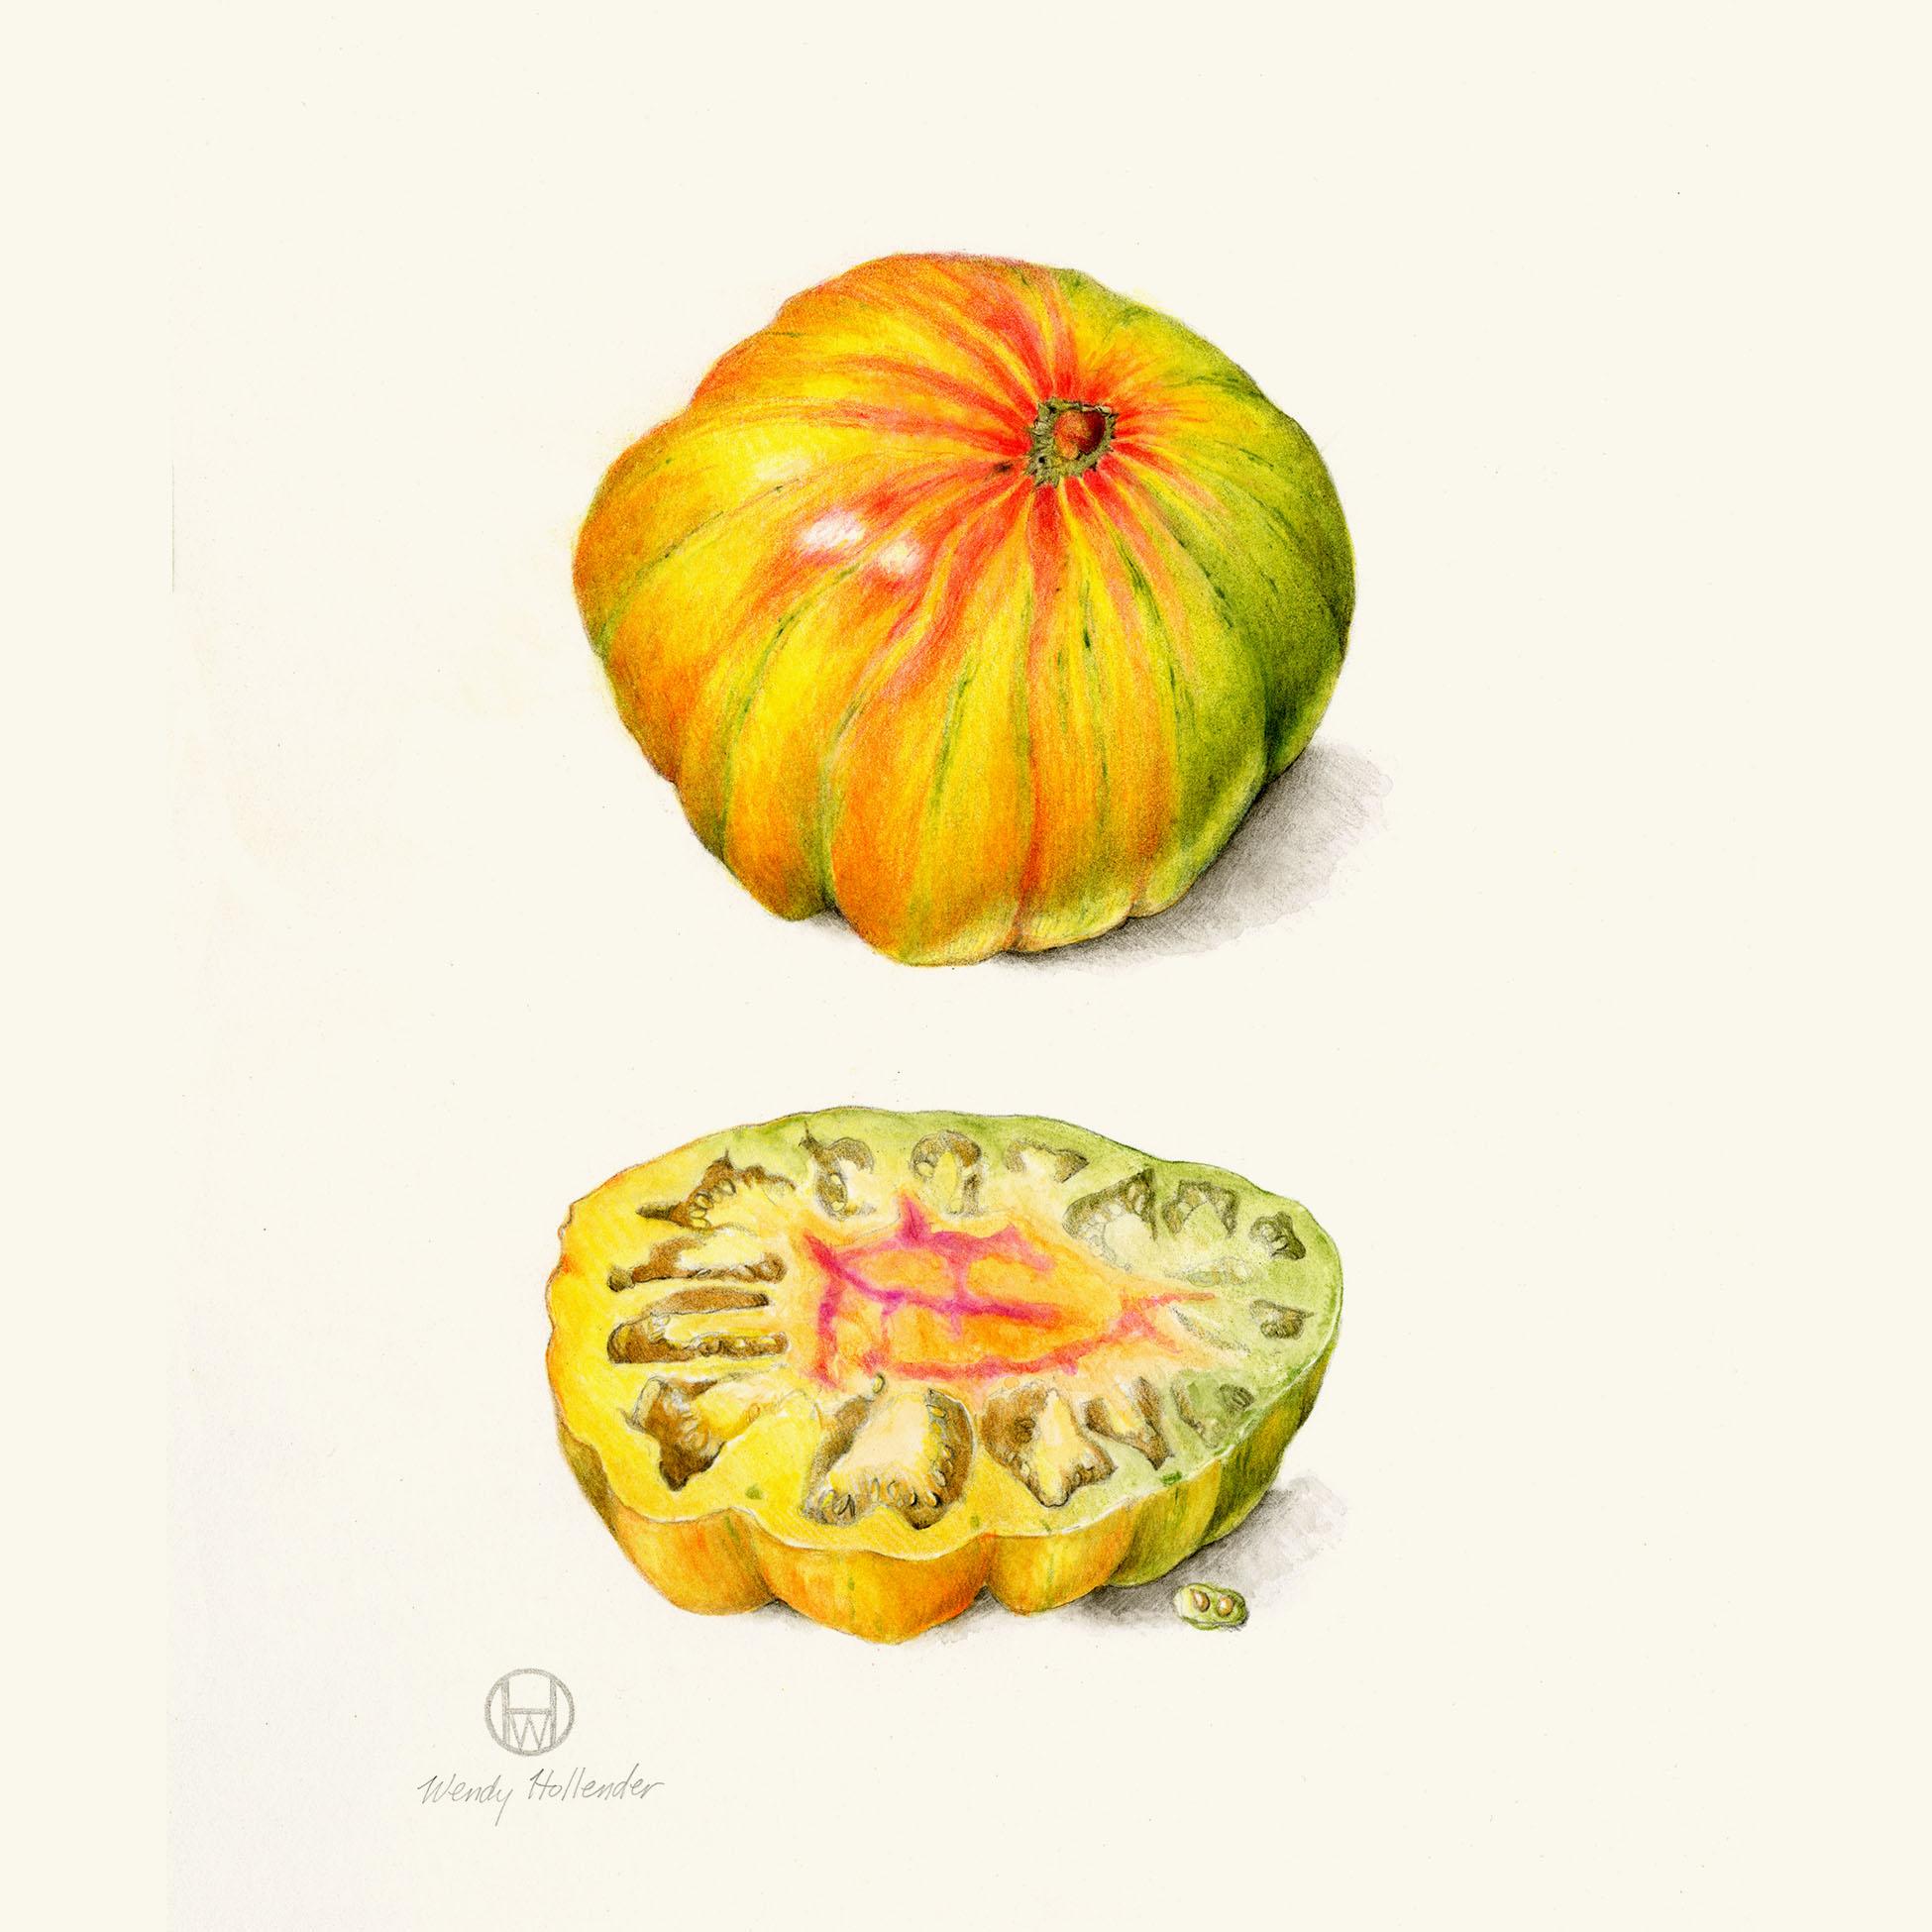 Copla tomato - Solanum lycopersicum